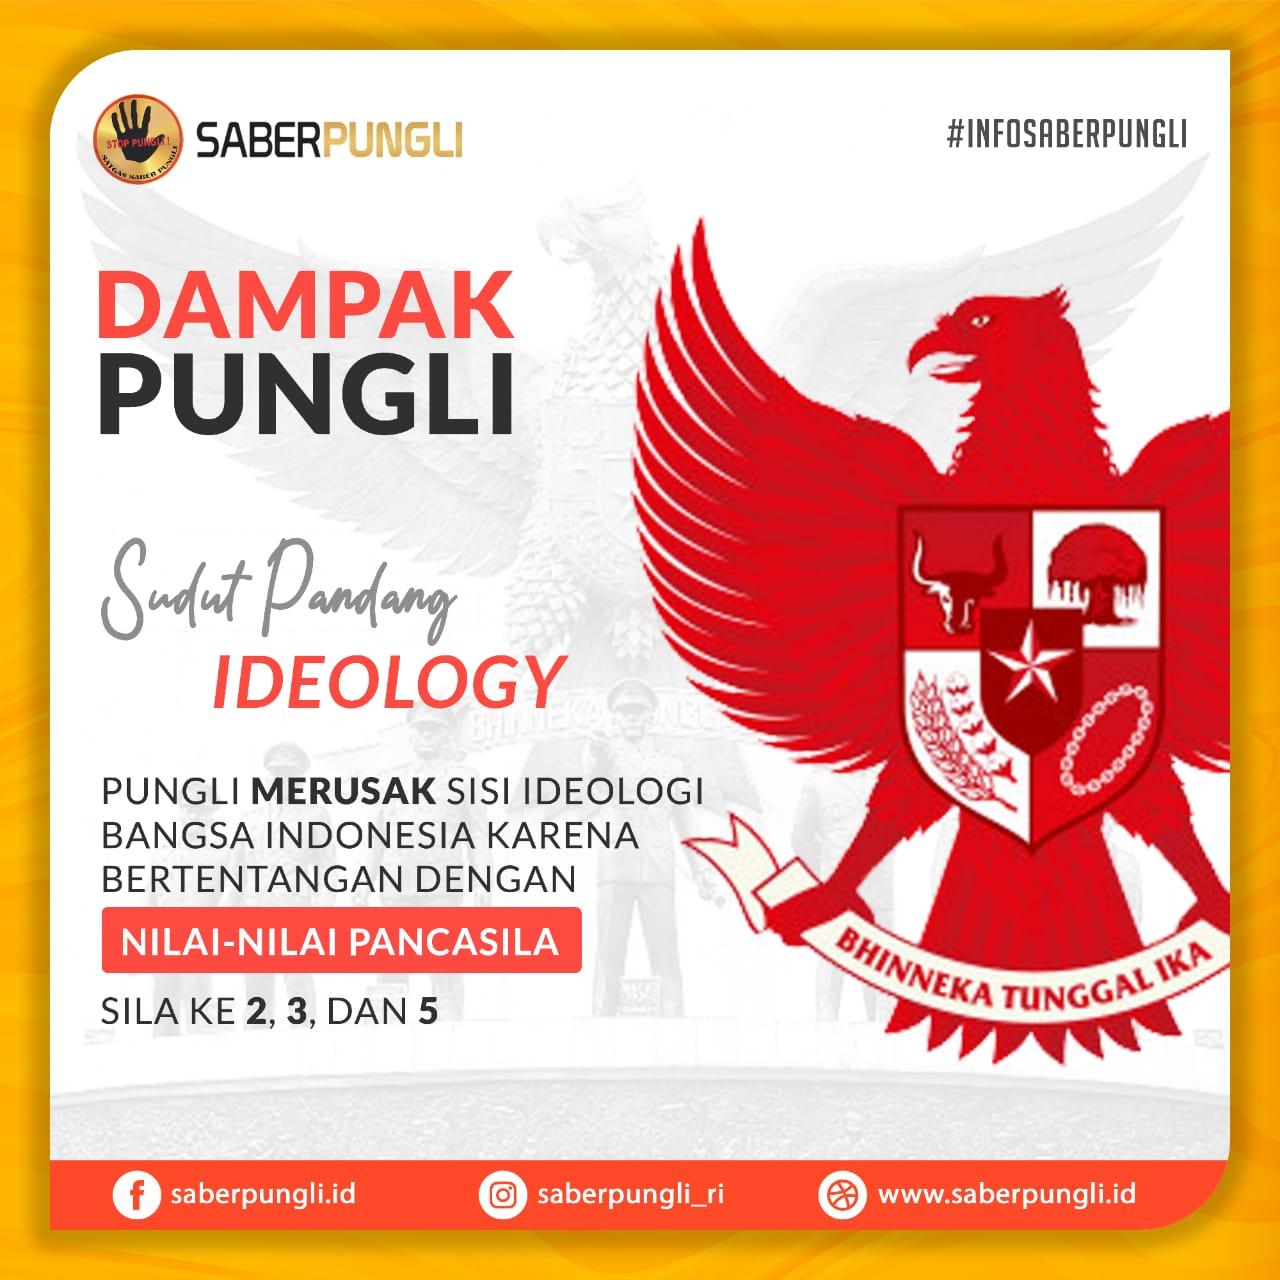 01 - DAMPAK PUNGLI SUDUT PANDANG IDEOLOGI